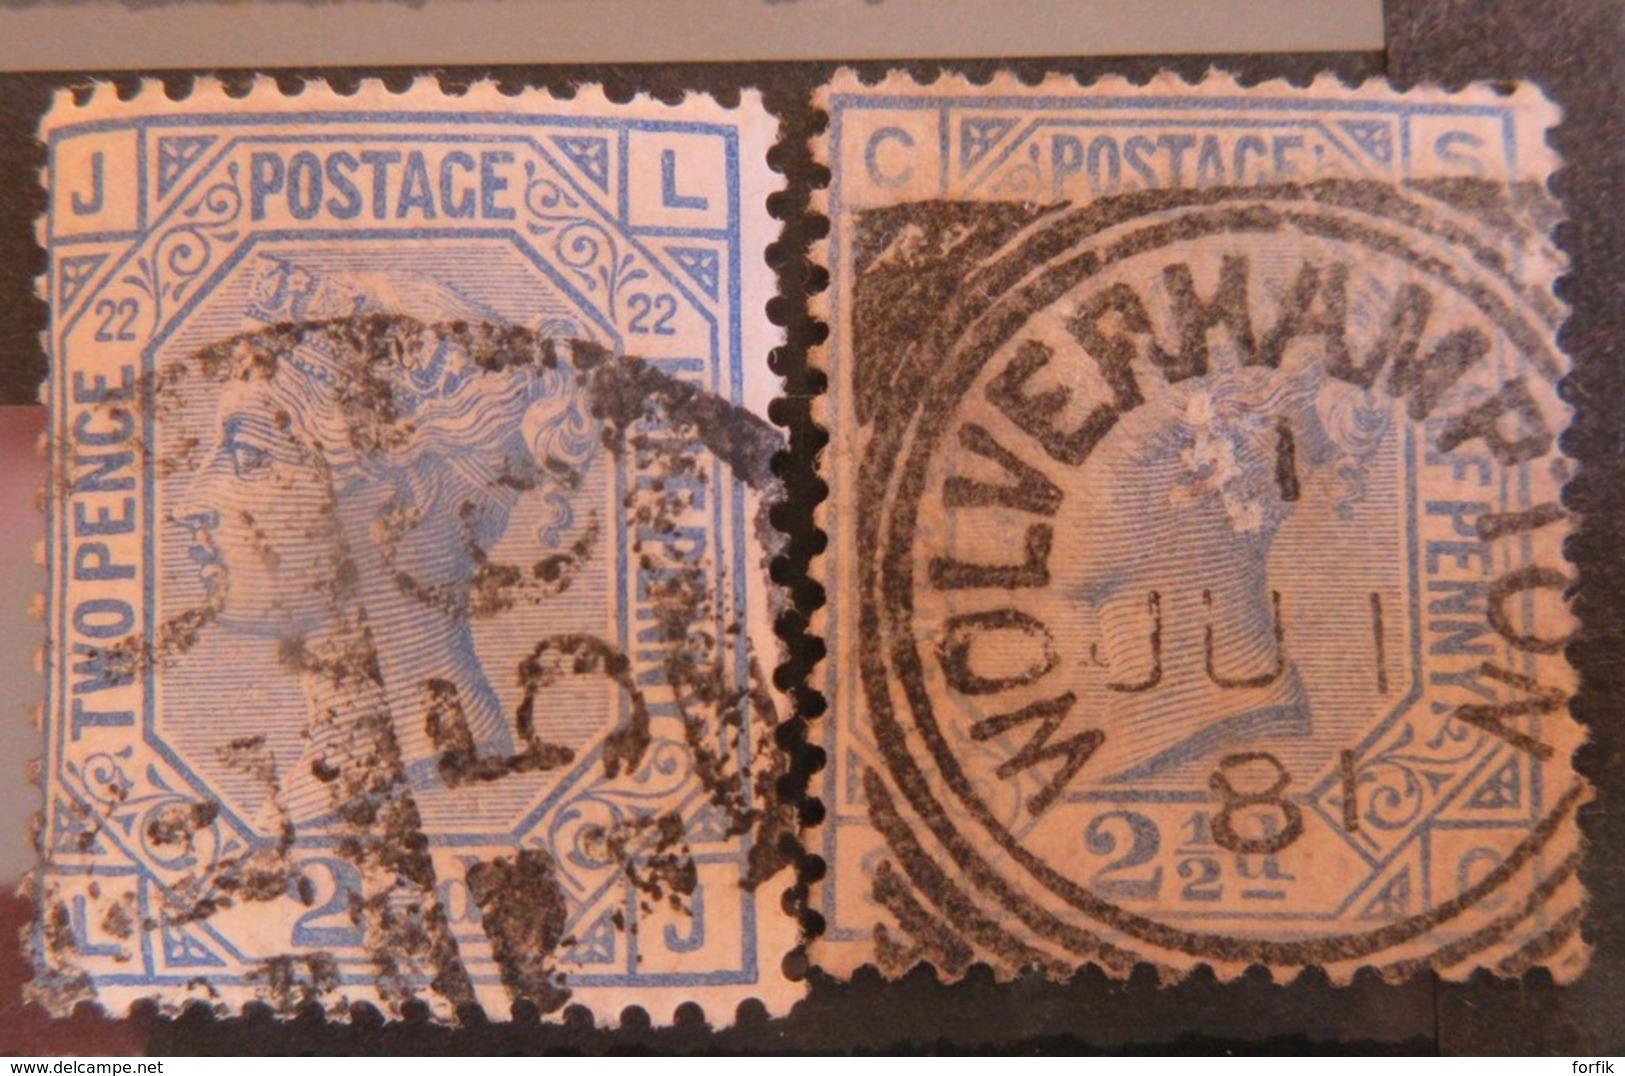 Grande-Bretagne - Collection De 86 Timbres Types Victoria Et George V Dont Forte Cote N°86 / 87 - Oblitérés - Collections